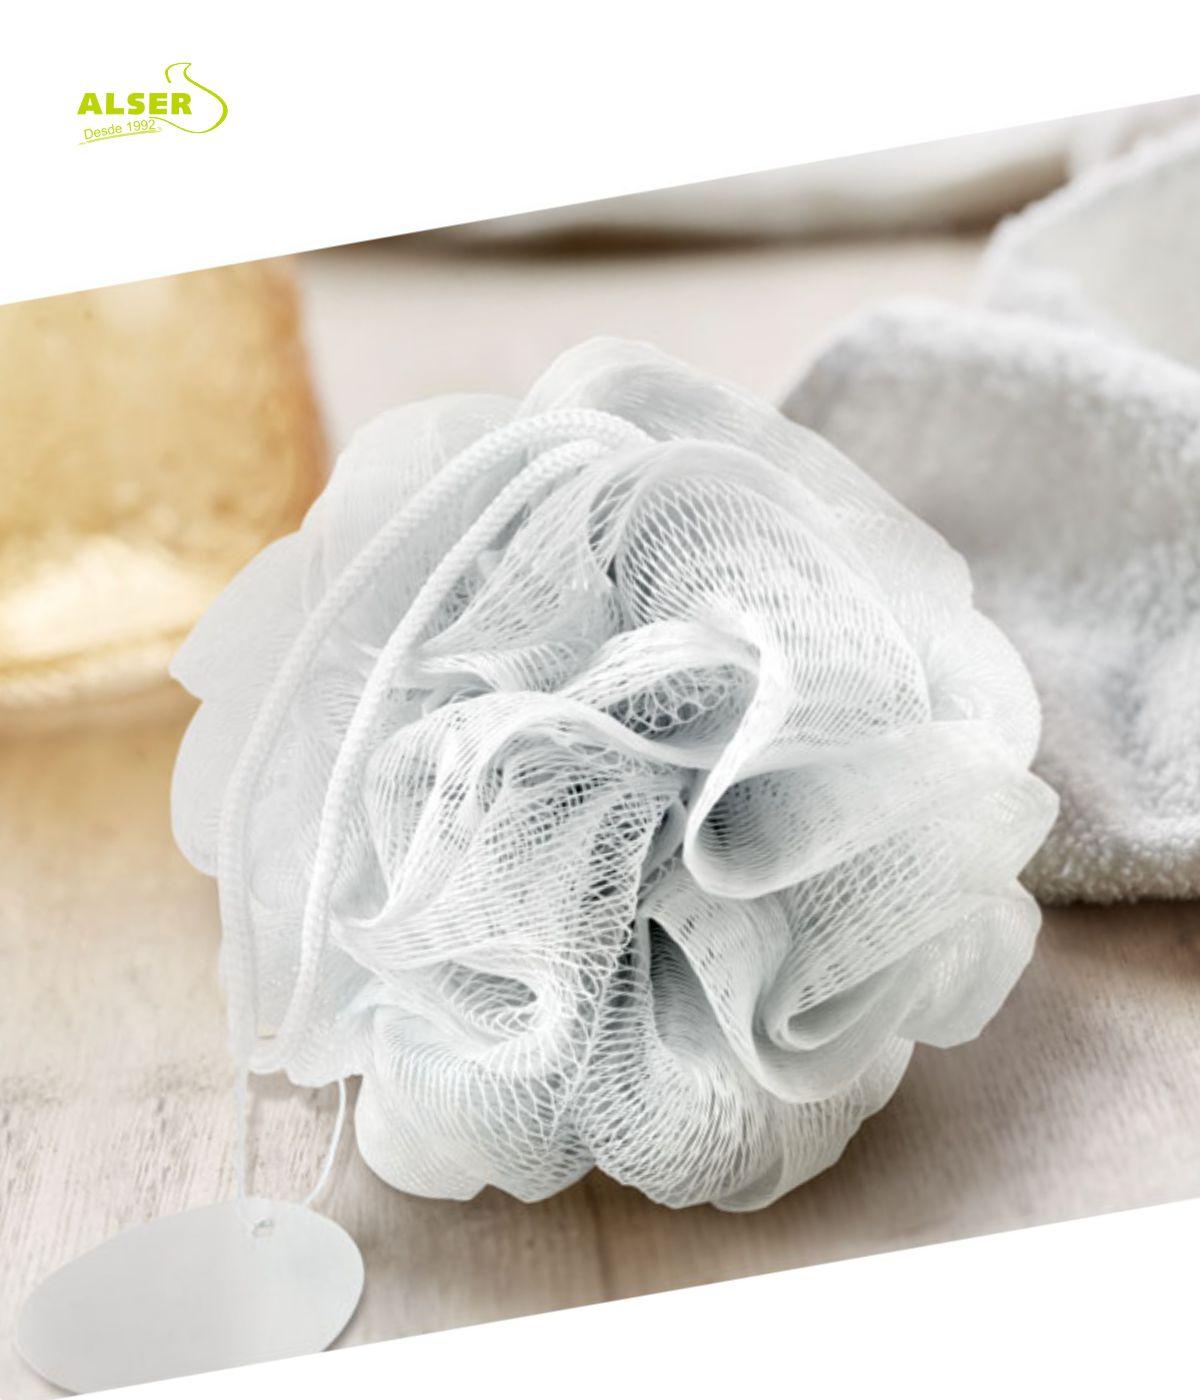 Esponja ducha personalizada para promociones de empresa Blanca